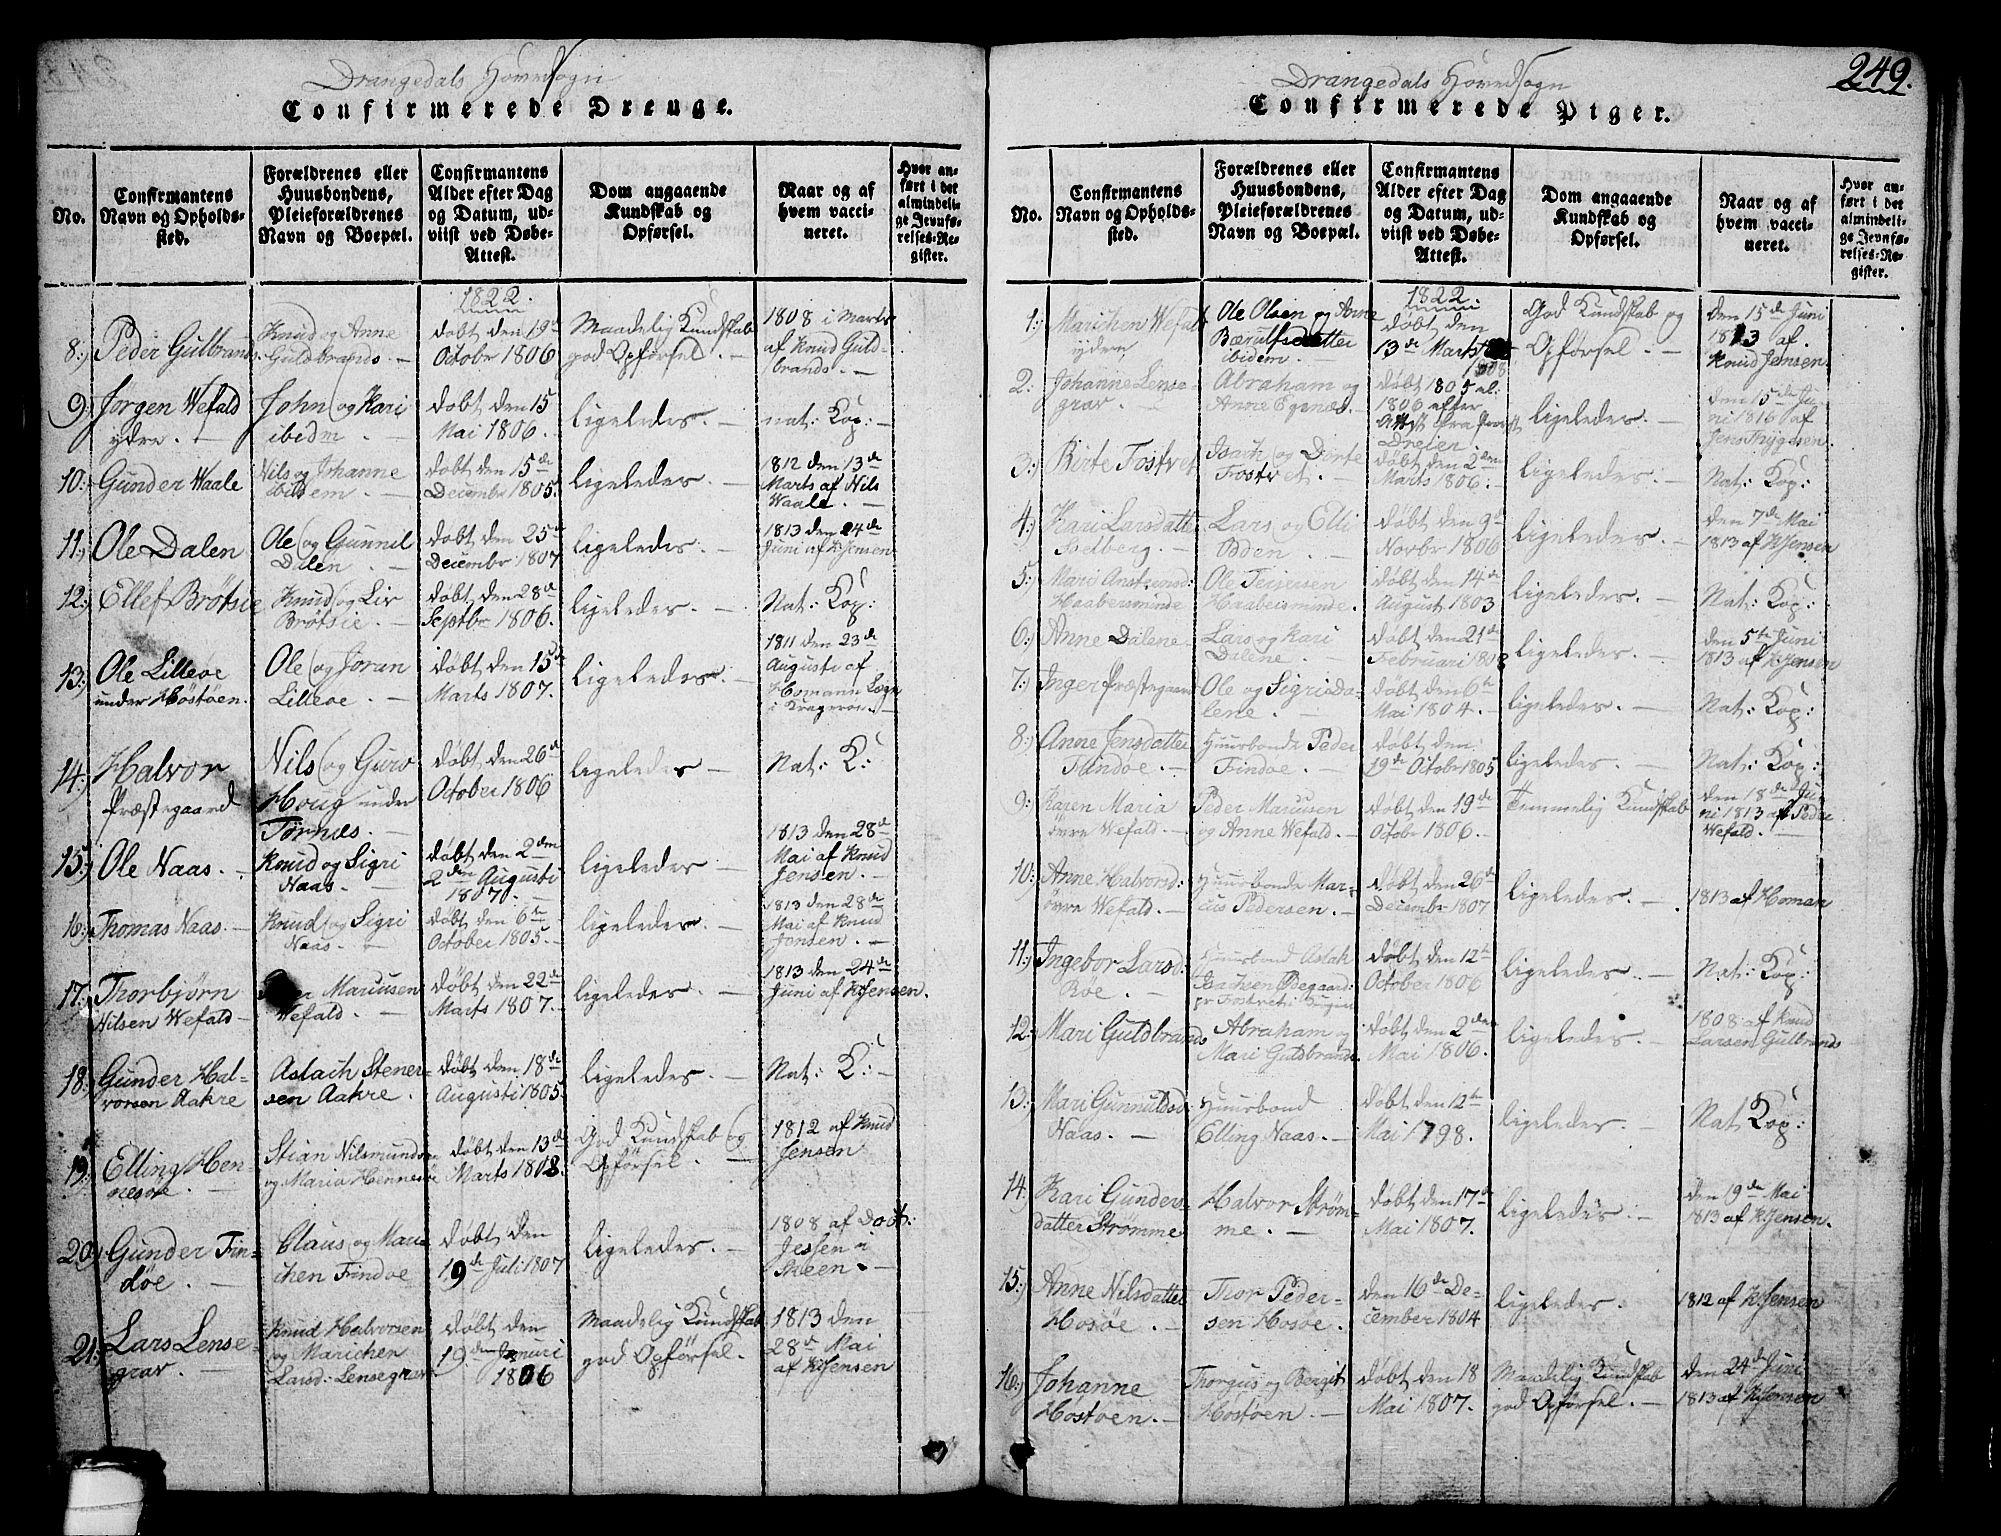 SAKO, Drangedal kirkebøker, G/Ga/L0001: Klokkerbok nr. I 1 /1, 1814-1856, s. 249